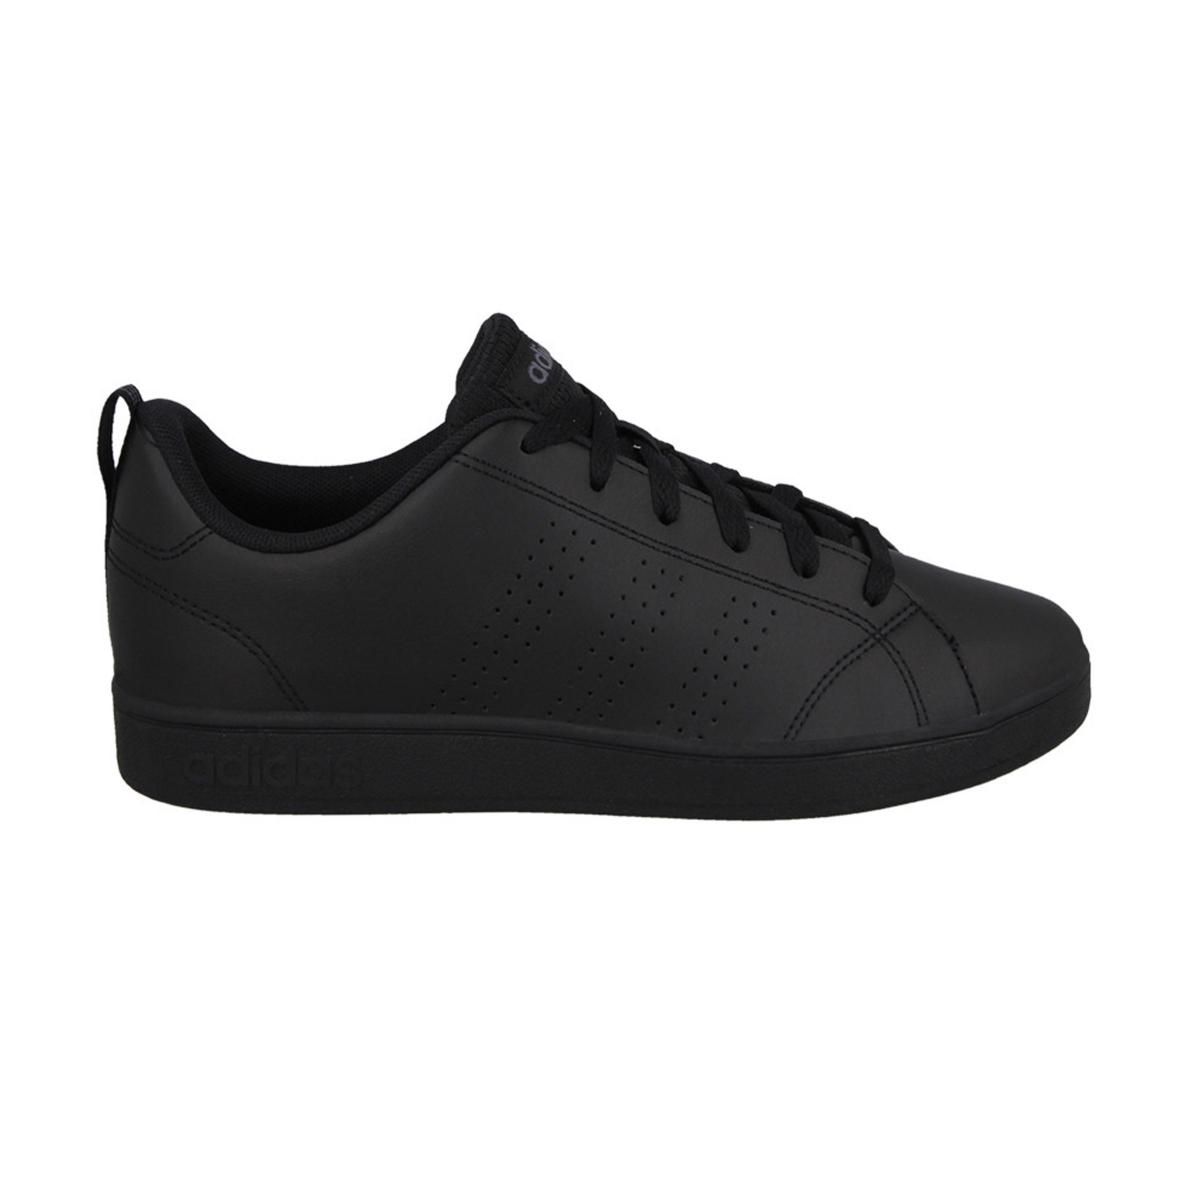 Scarpe Sneakers Adidas VS ADVANTAGE CL K da ragazza/ragazzo rif.AW4883